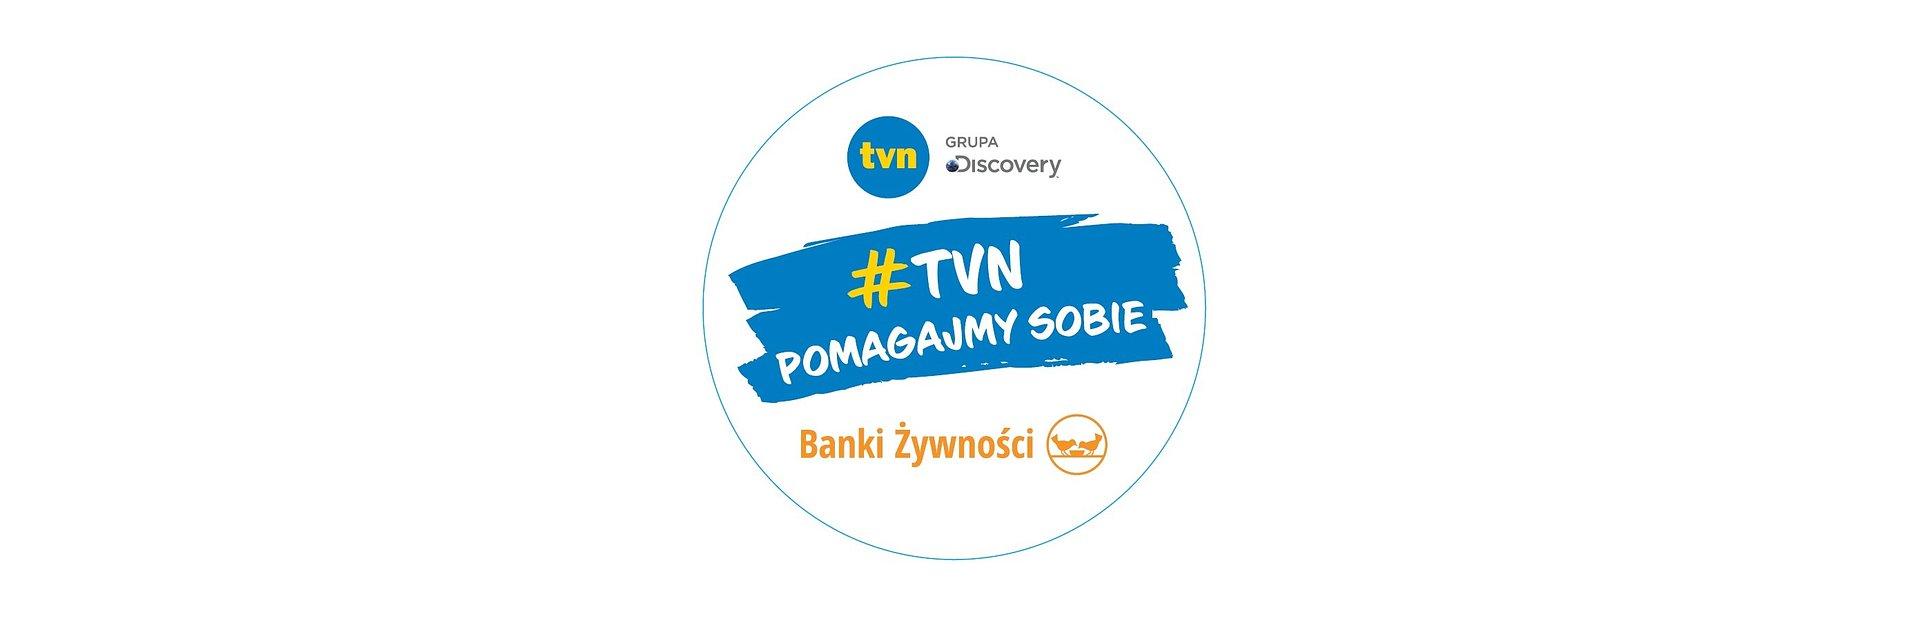 #TVN POMAGAJMY SOBIE – 180 restauracji ugotowało 117 000 posiłków dla najuboższych w całej Polsce!